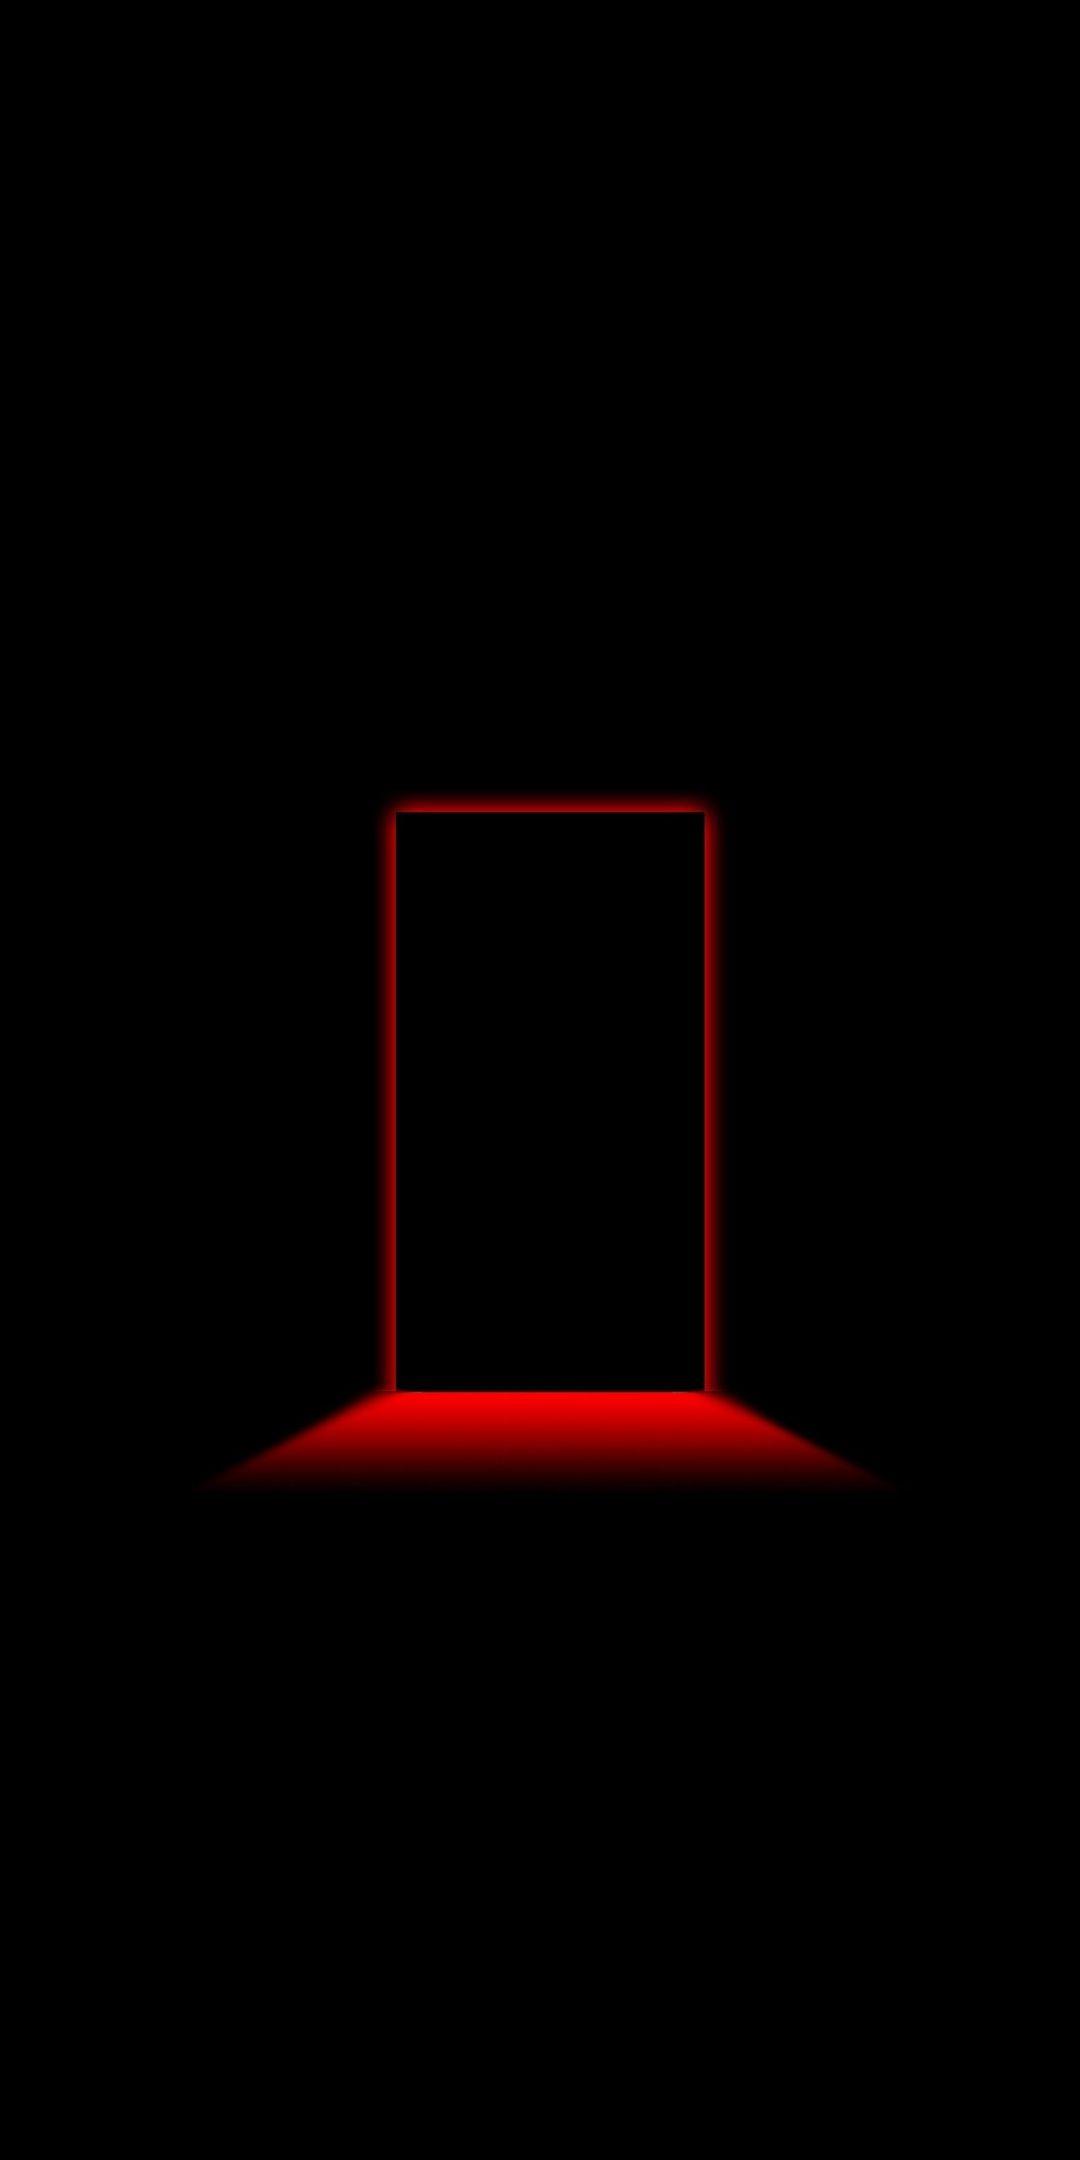 Dark Door Minimal 1080x2160 Wallpaper Dark Red Wallpaper Red Wallpaper Dark Wallpaper